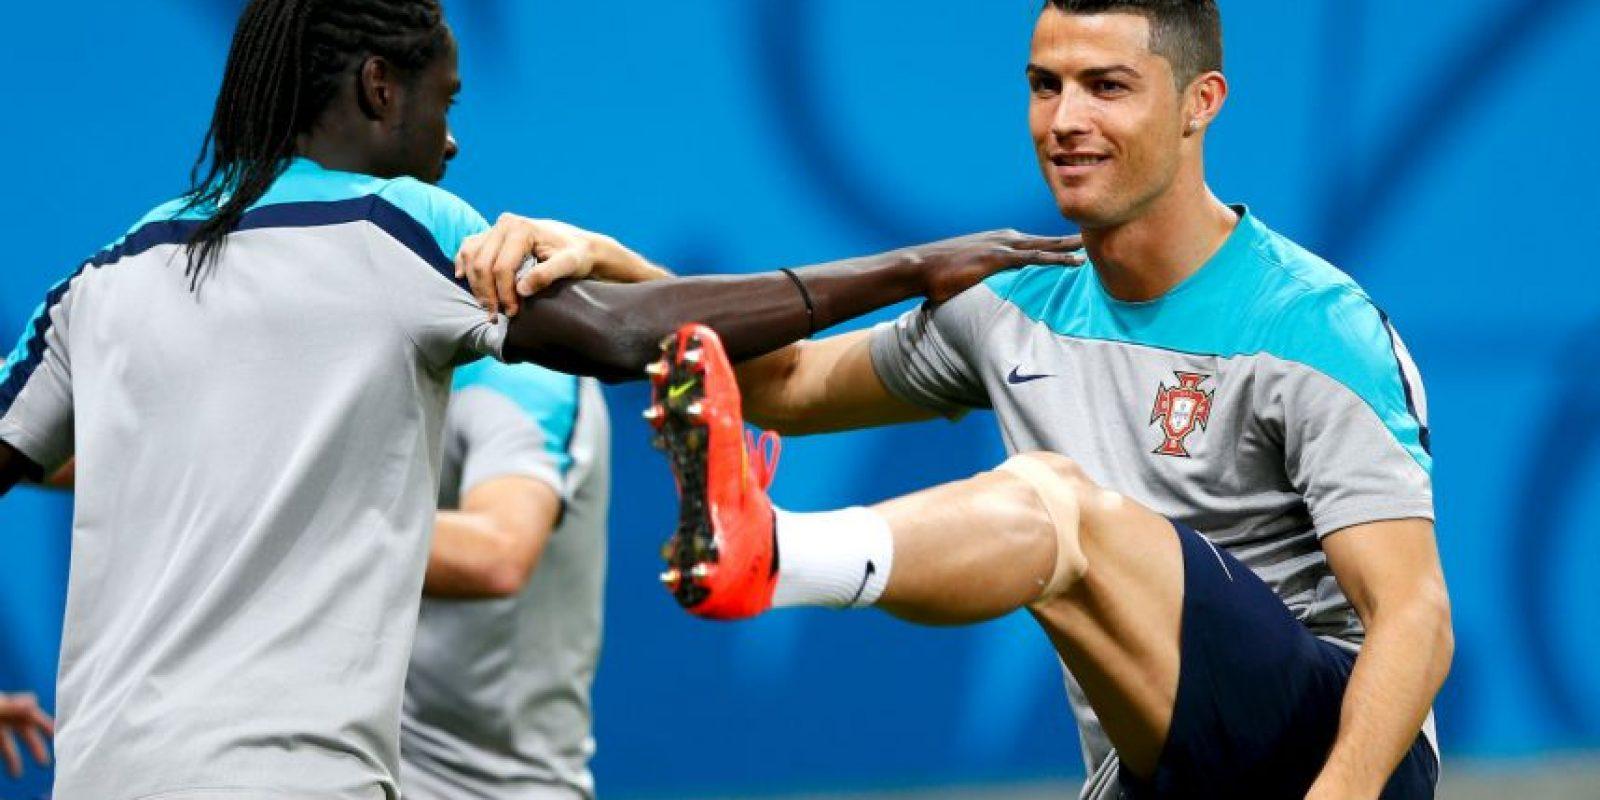 Portugal enfrentará a Serbia el domingo 29 de marzo, como parte de las eliminatorias rumbo a la Euro 2016. Foto:Getty Images